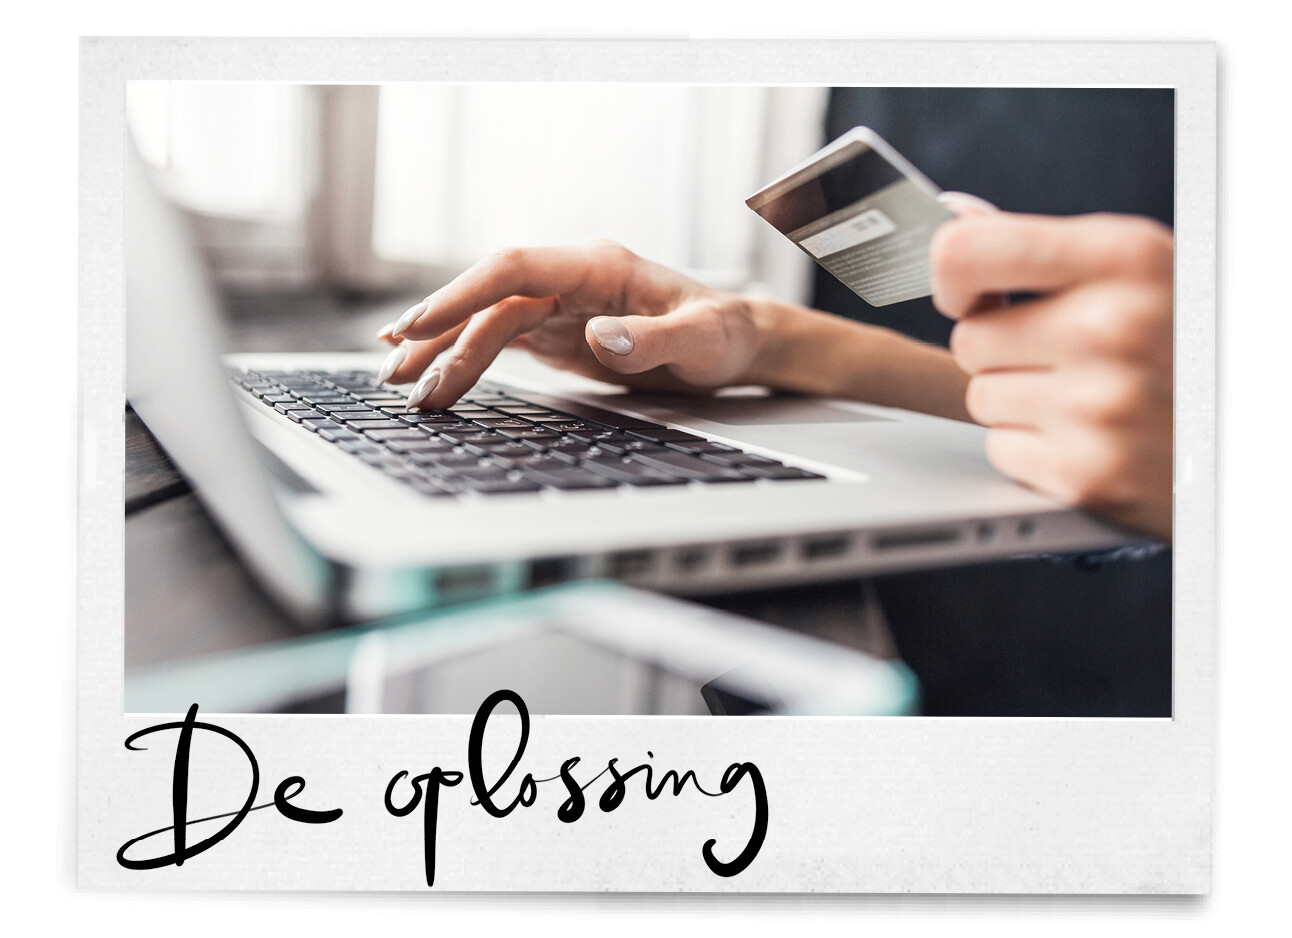 creditcard wordt gebruikt voor online shoppen